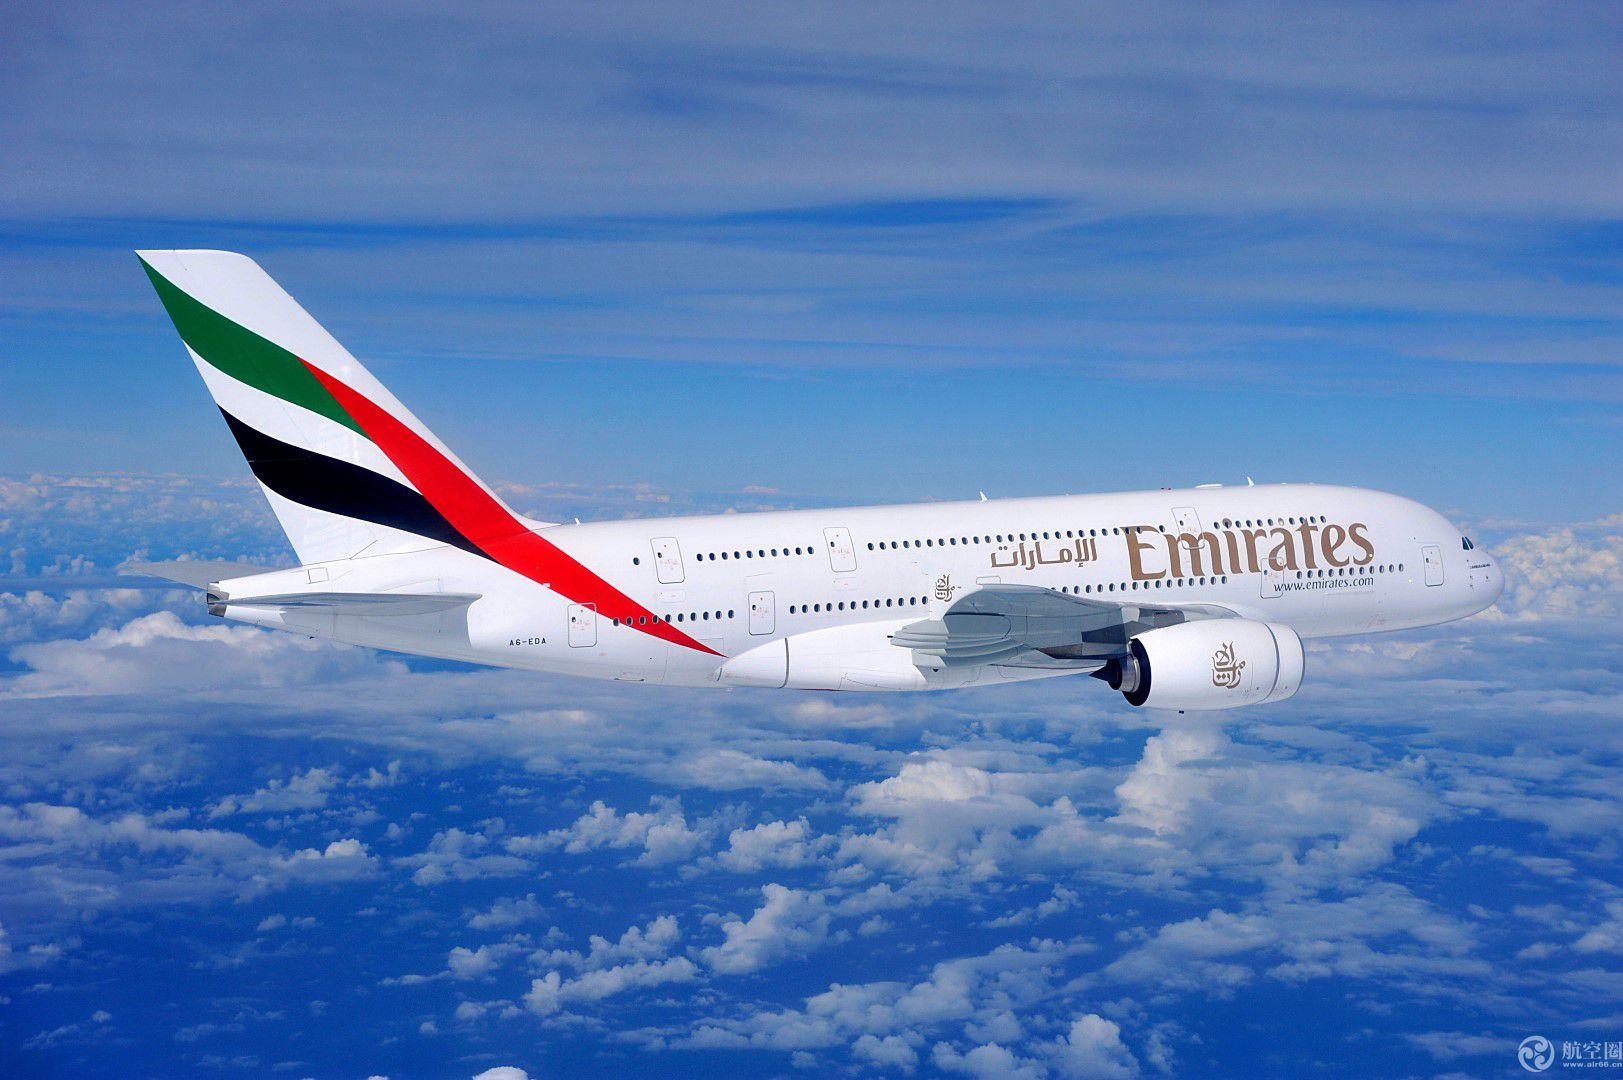 阿联酋航空北京和上海航线所有航班将用a380客机执飞